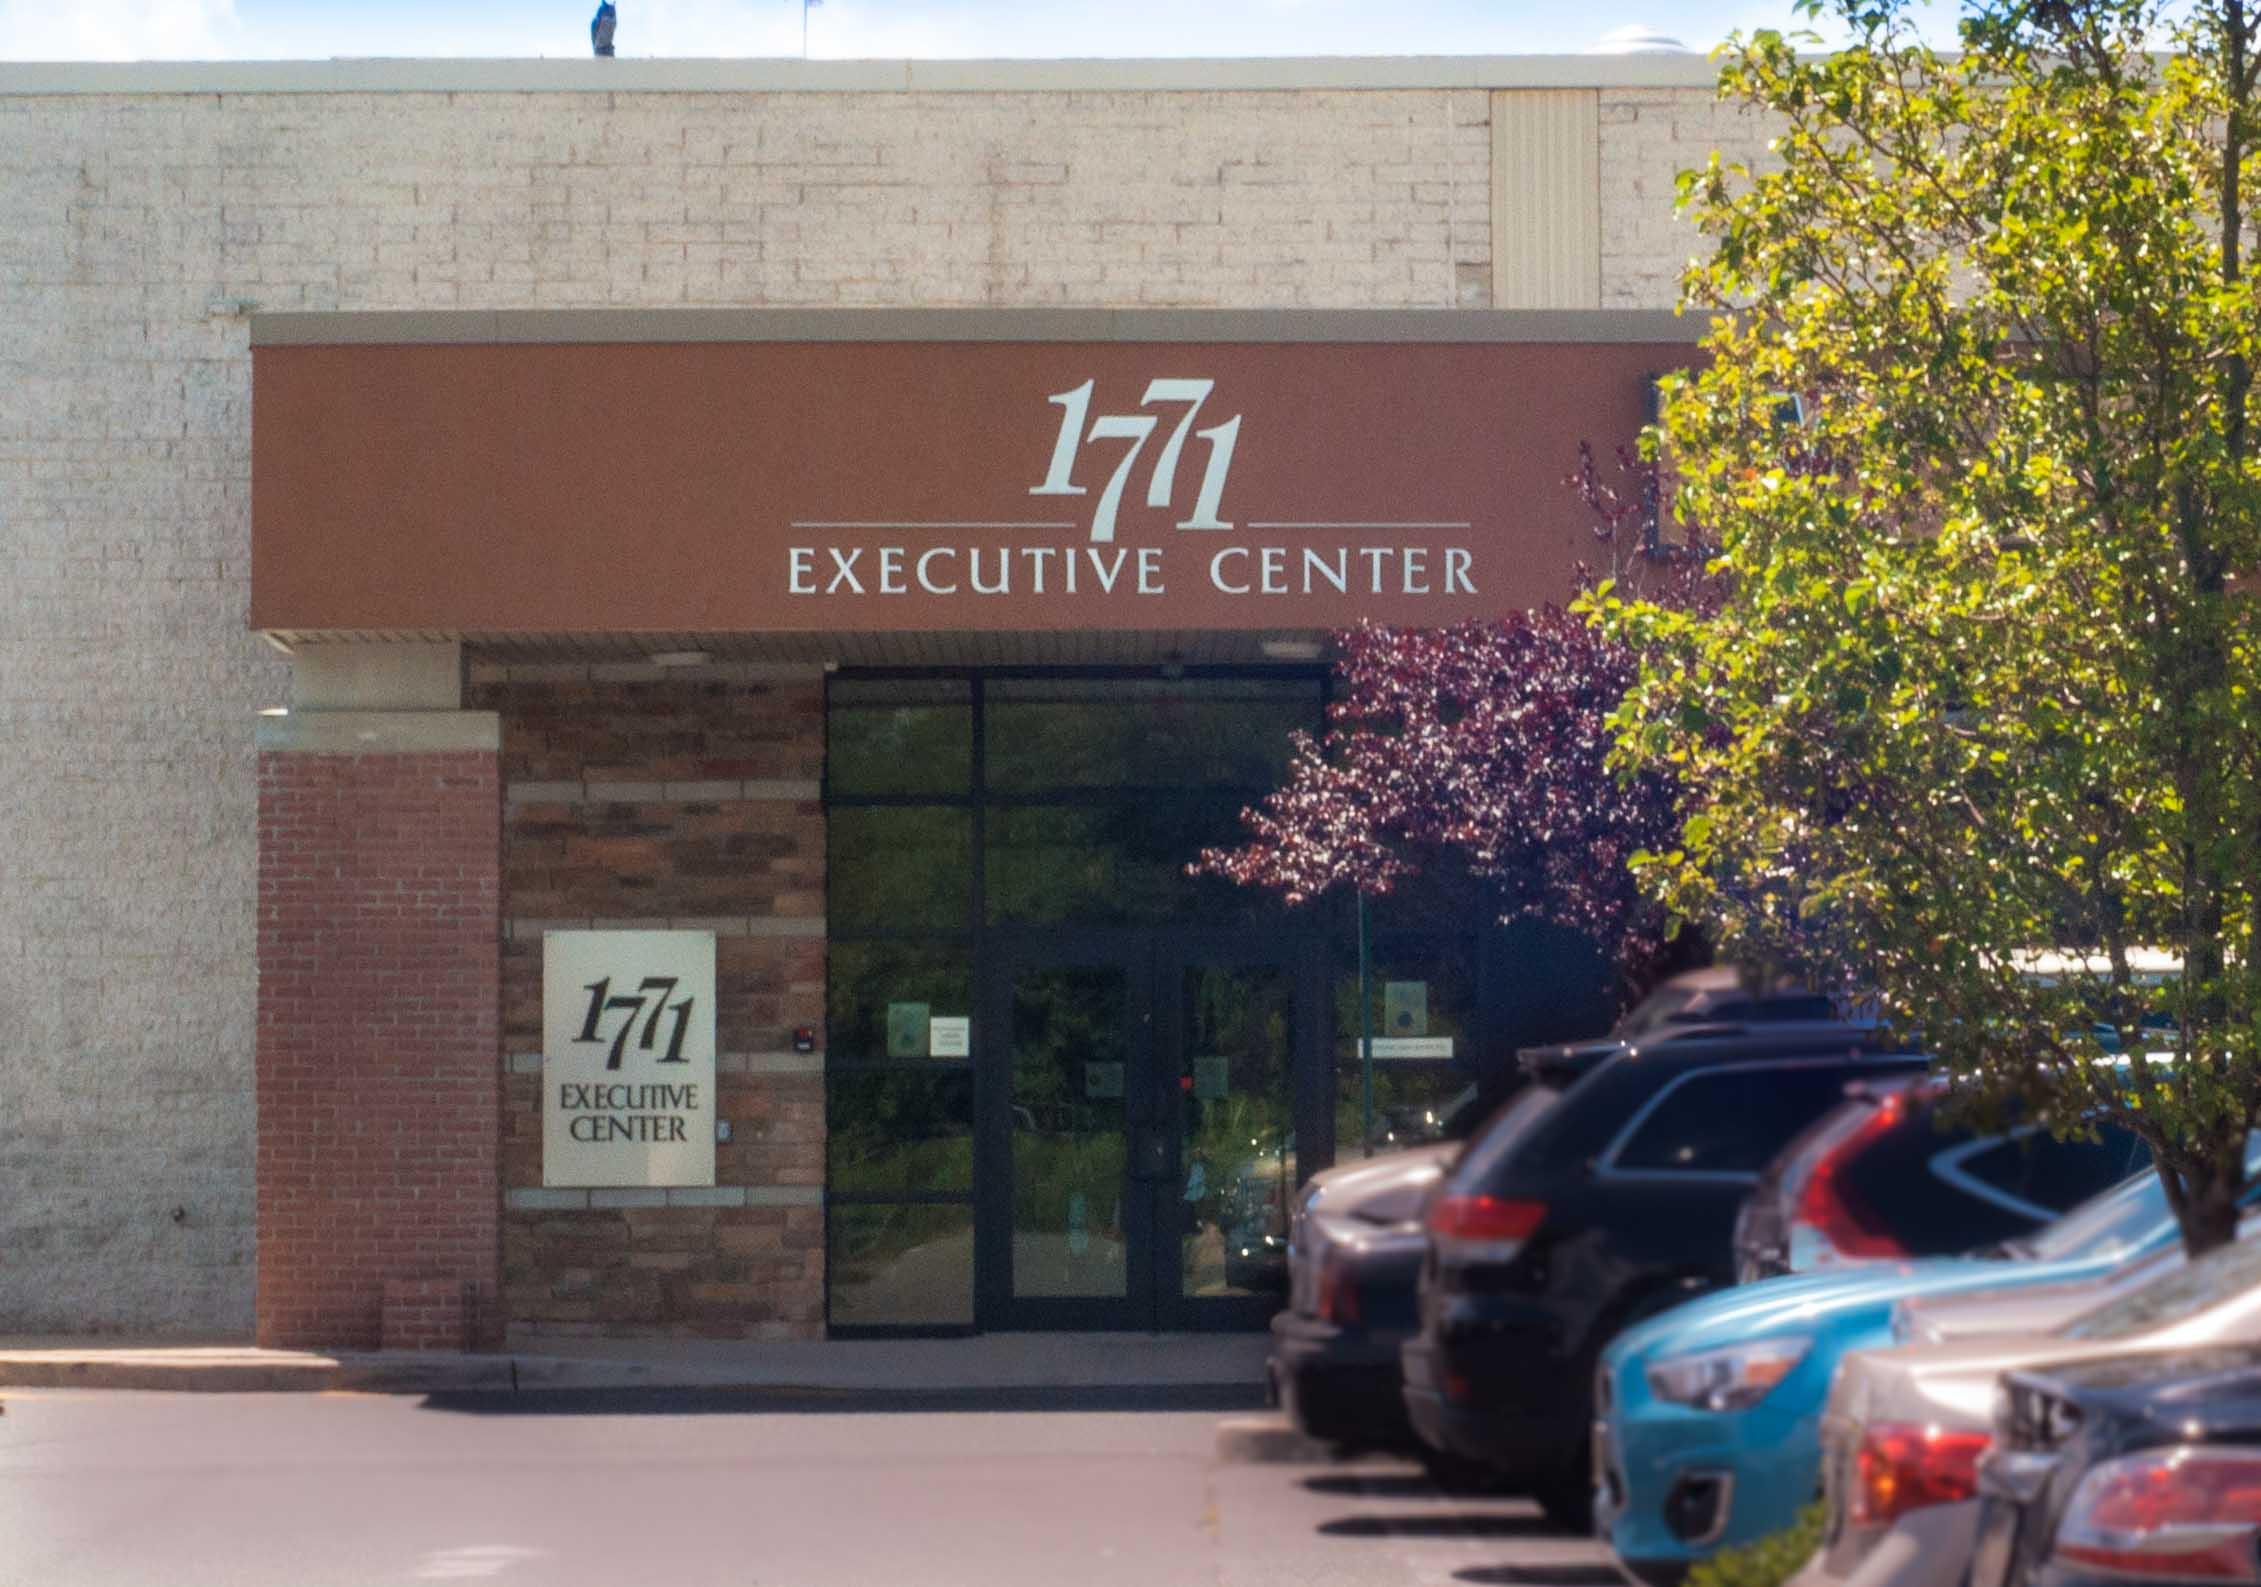 1771 Executive Center